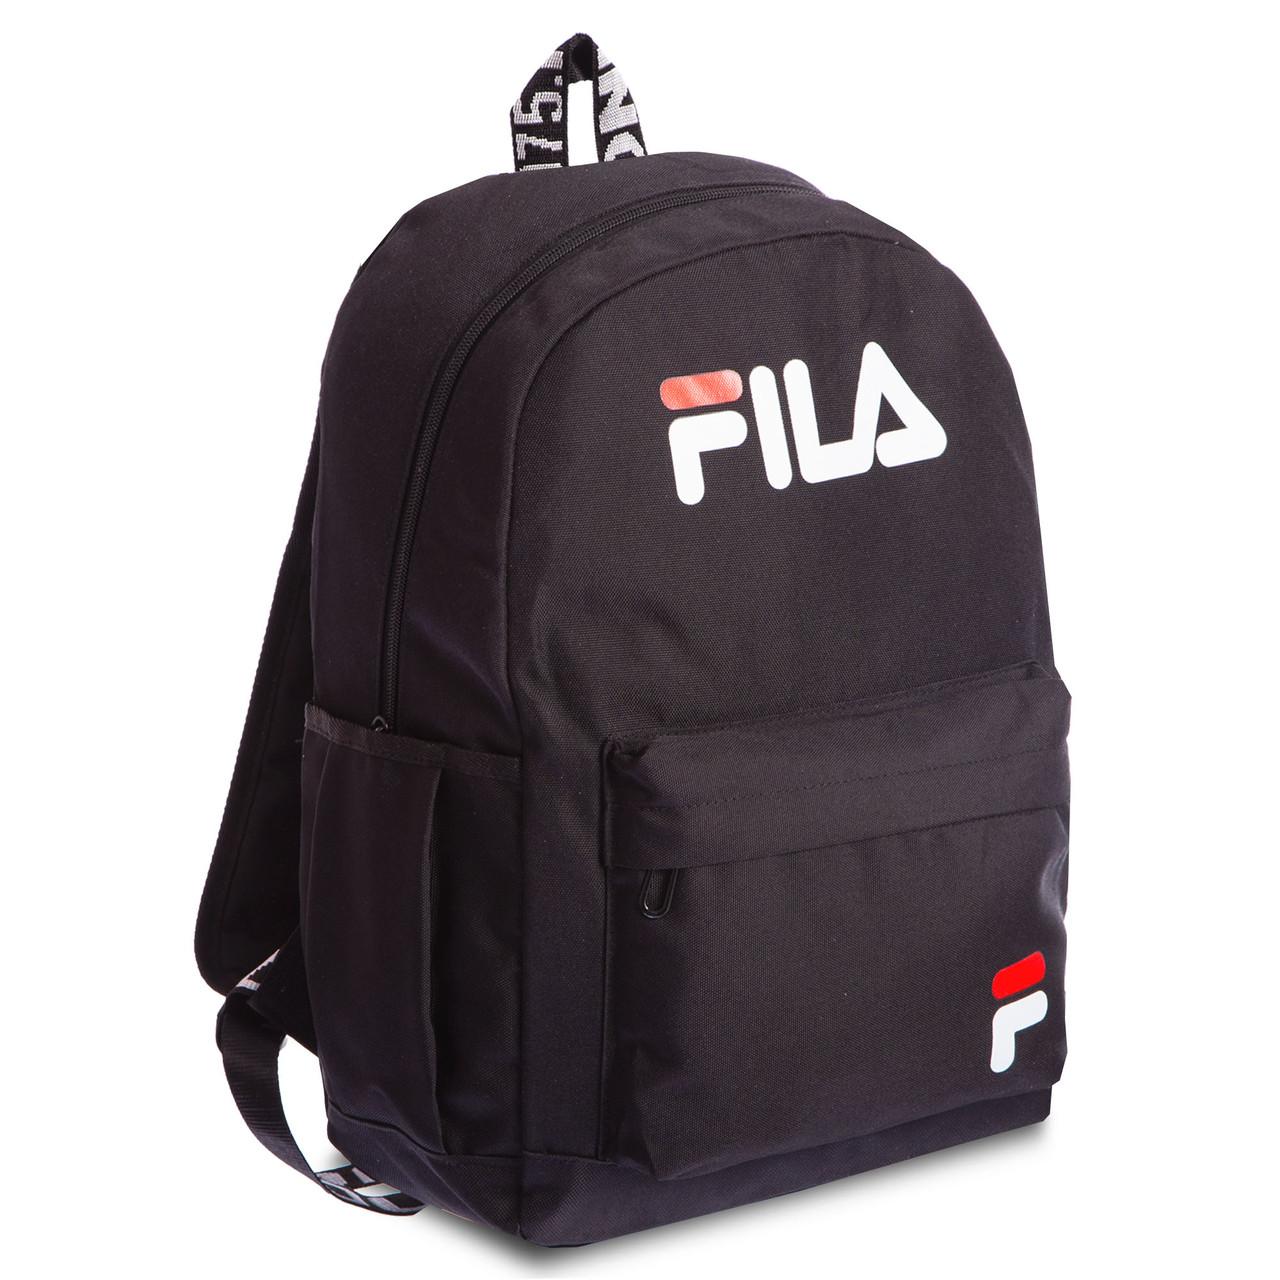 Рюкзак городской FILA 206 спортивный черный